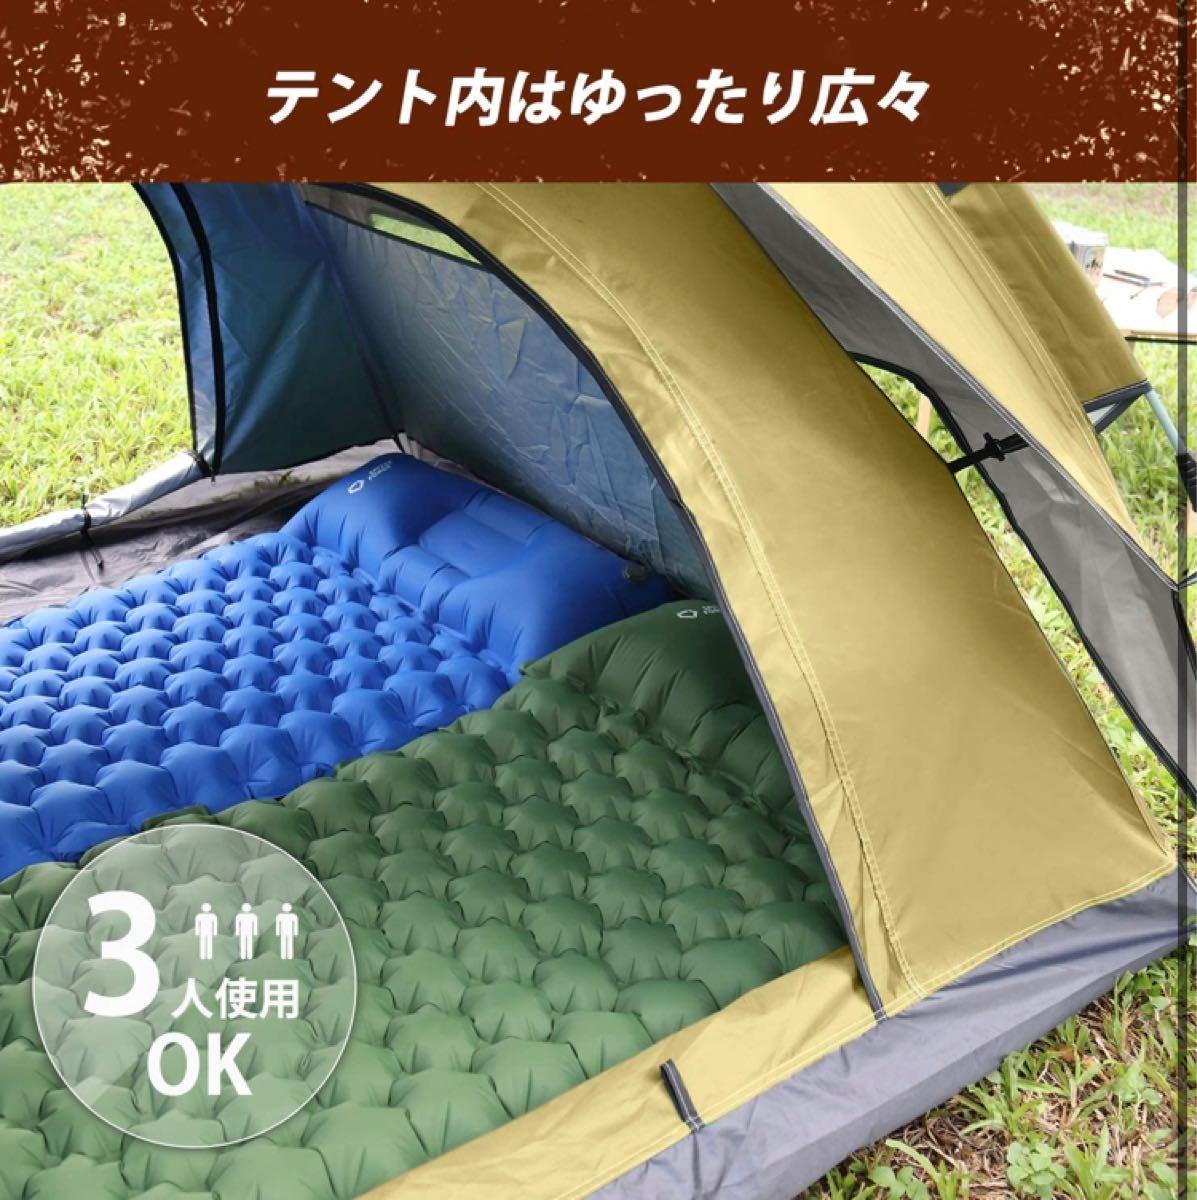 テント ワンタッチ 六厚手 二重層 防水防風 耐水圧3000mm  2~3人用